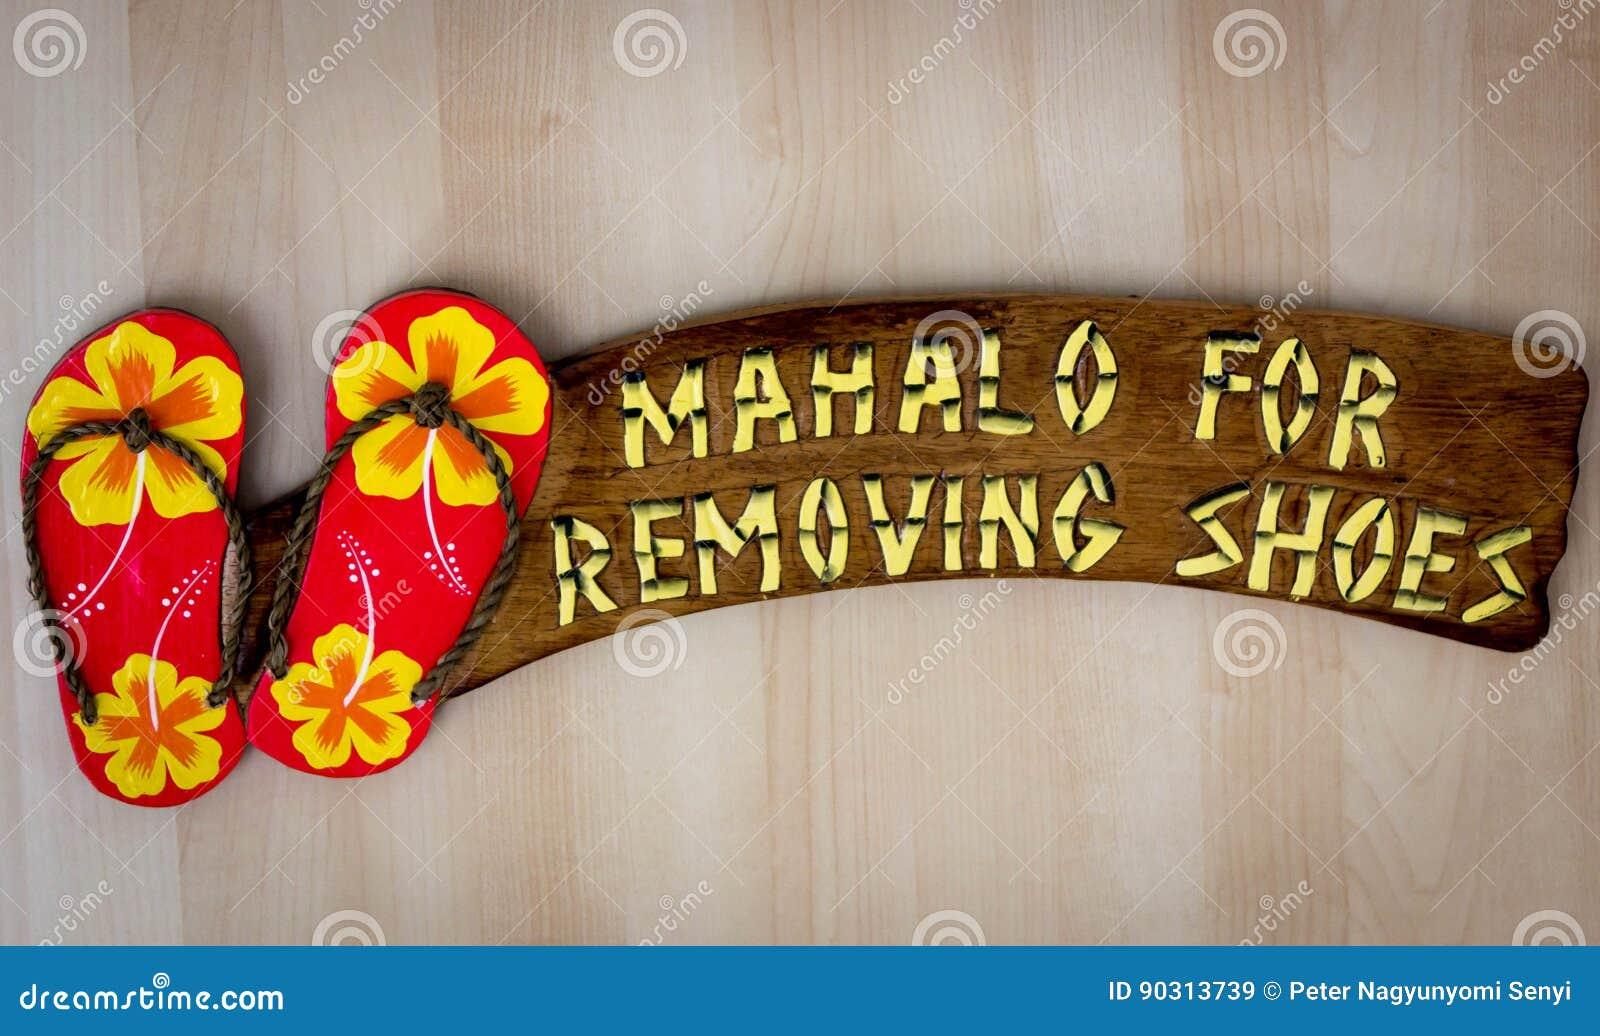 Της Χαβάης σημάδι: Σας ευχαριστώ για την αφαίρεση των παπουτσιών σας - Mahalo